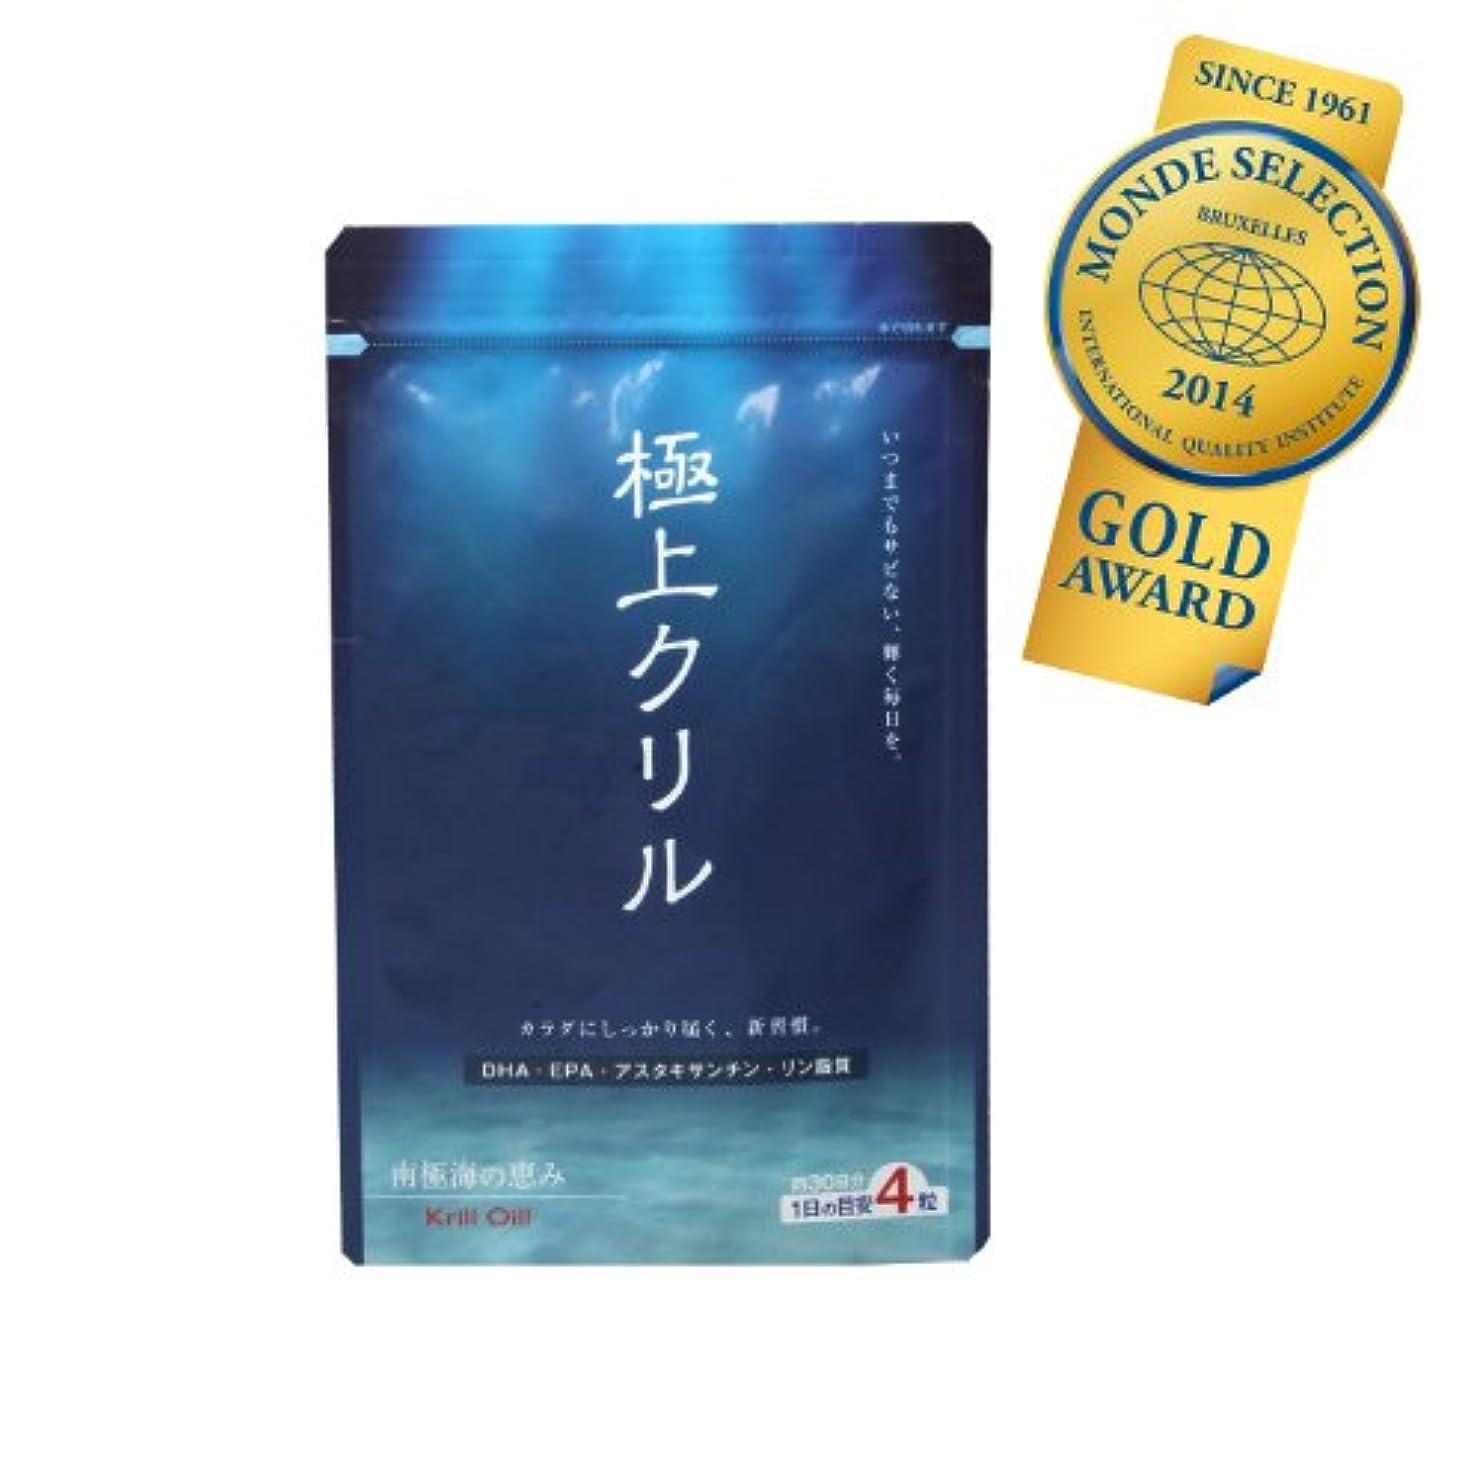 ソブリケット最悪浸す極上クリル120粒 100%クリルオイル (約1ヶ月分) 日本製